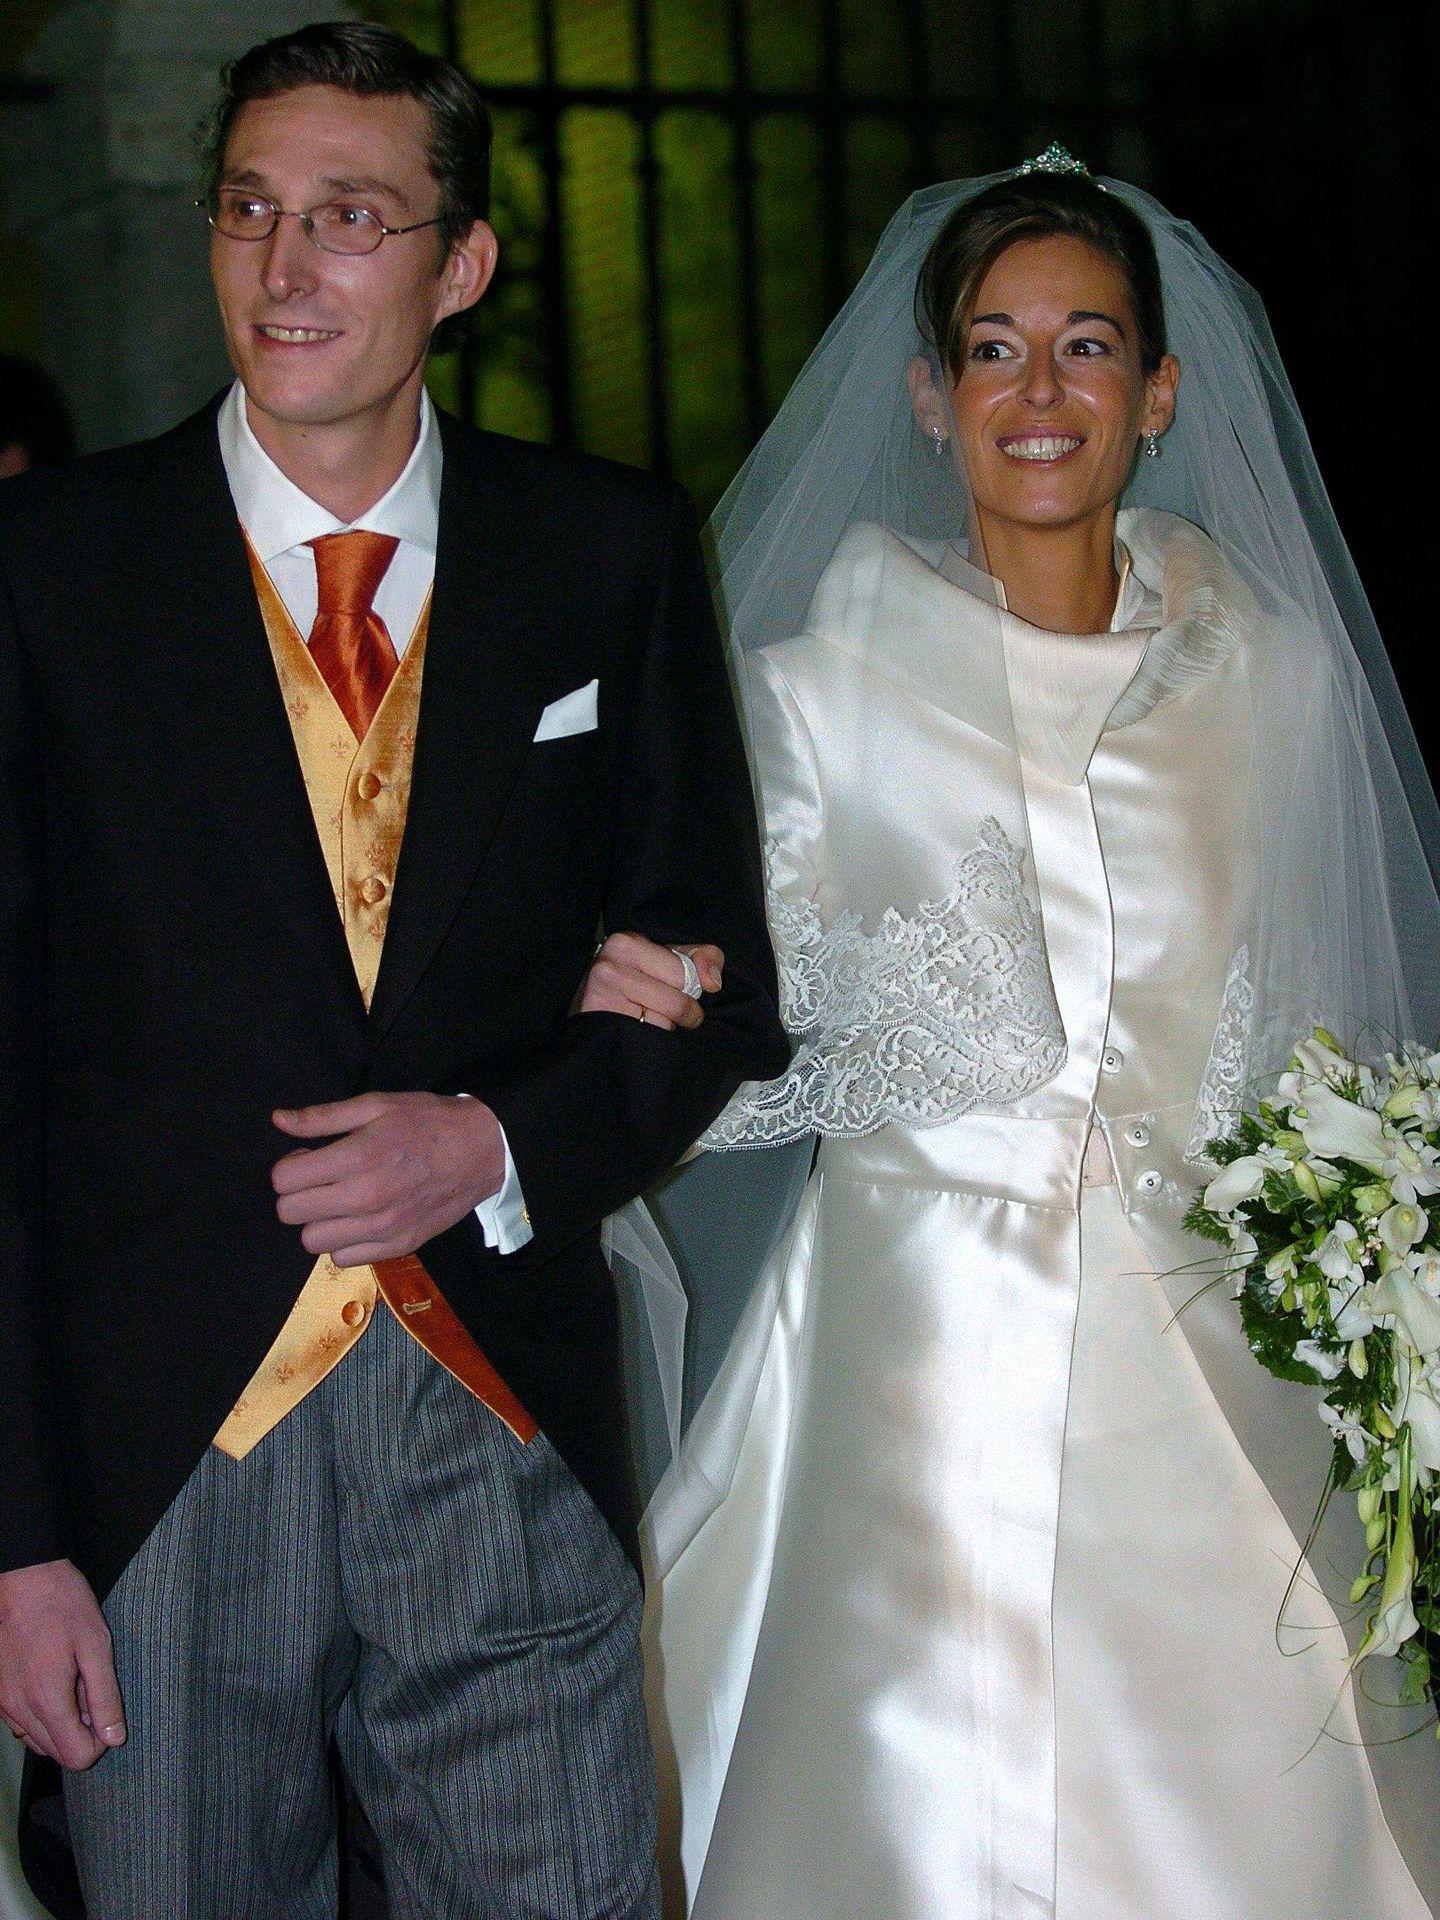 Fernando Gómez-Acebo y Mónica Martín durante su boda en 2007 en la iglesia de la Encarnación, en Madrid.